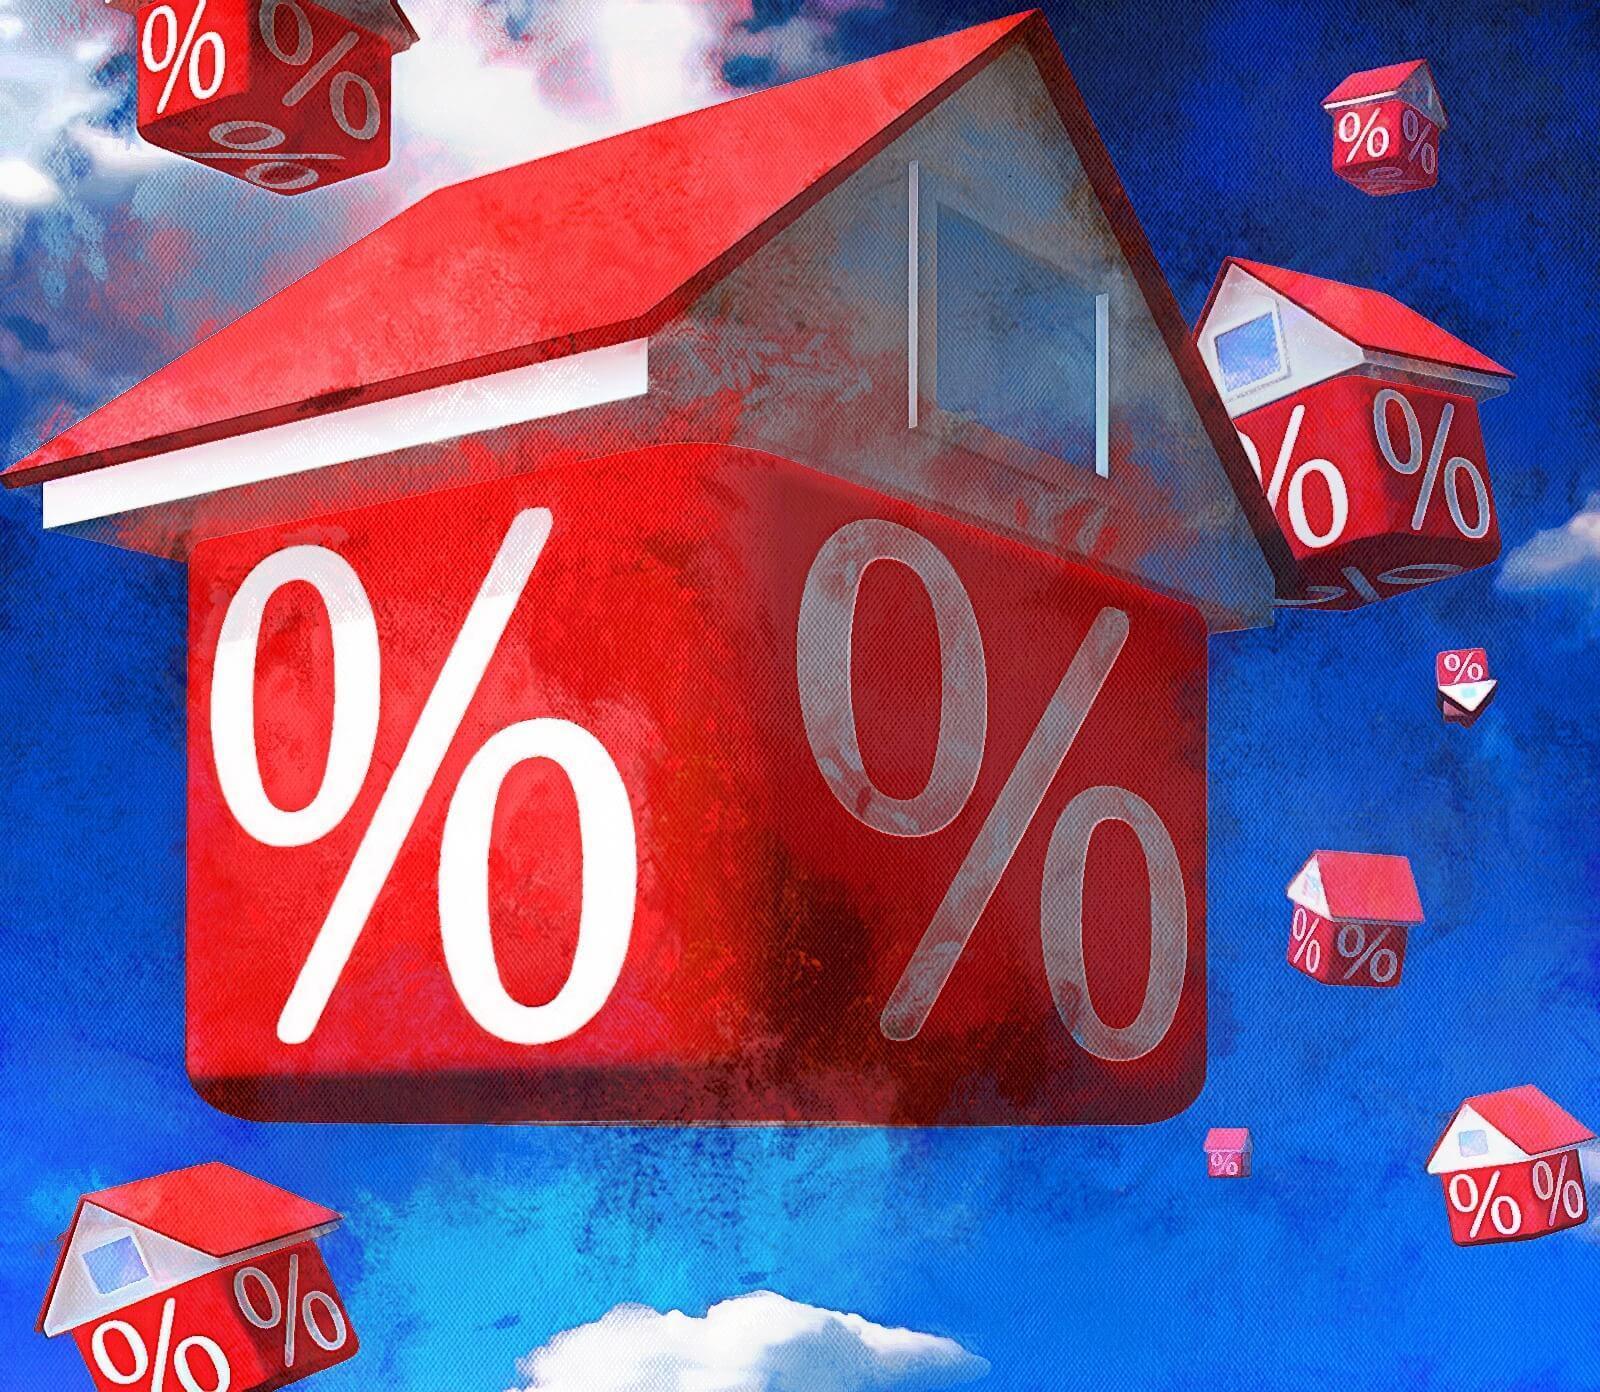 Ипотеке на март 2018: лучшие предложения от банков